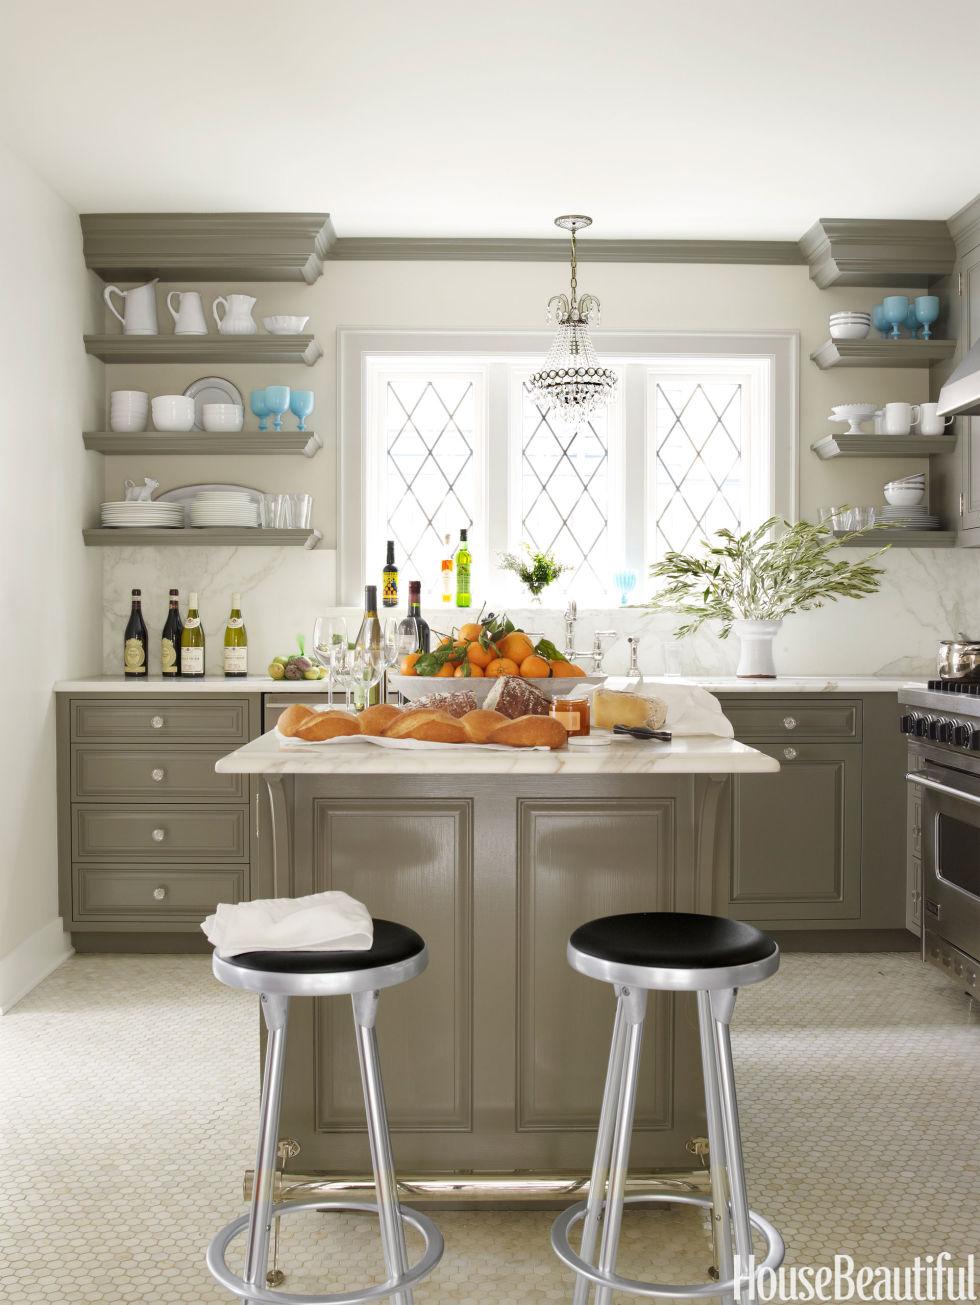 kitchen colour 20+ best kitchen paint colors - ideas for popular kitchen colors NPJJTEA